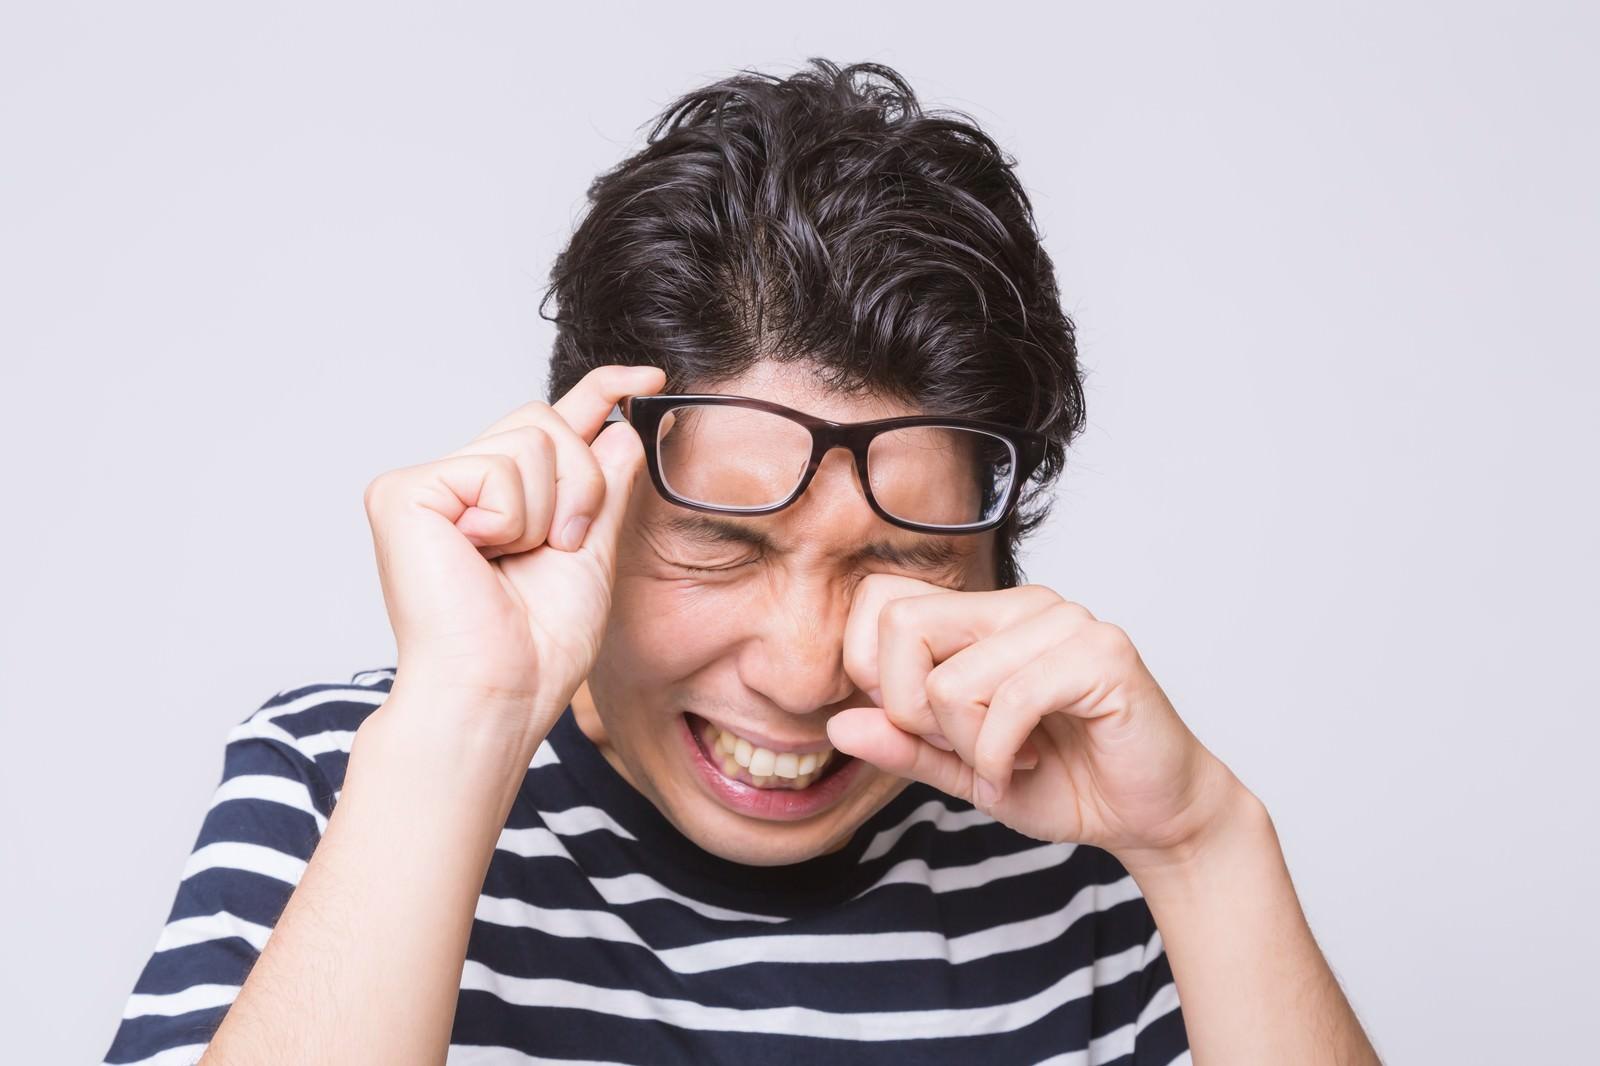 「パソコンやりすぎて目から汗がパソコンやりすぎて目から汗が」[モデル:紳さん]のフリー写真素材を拡大